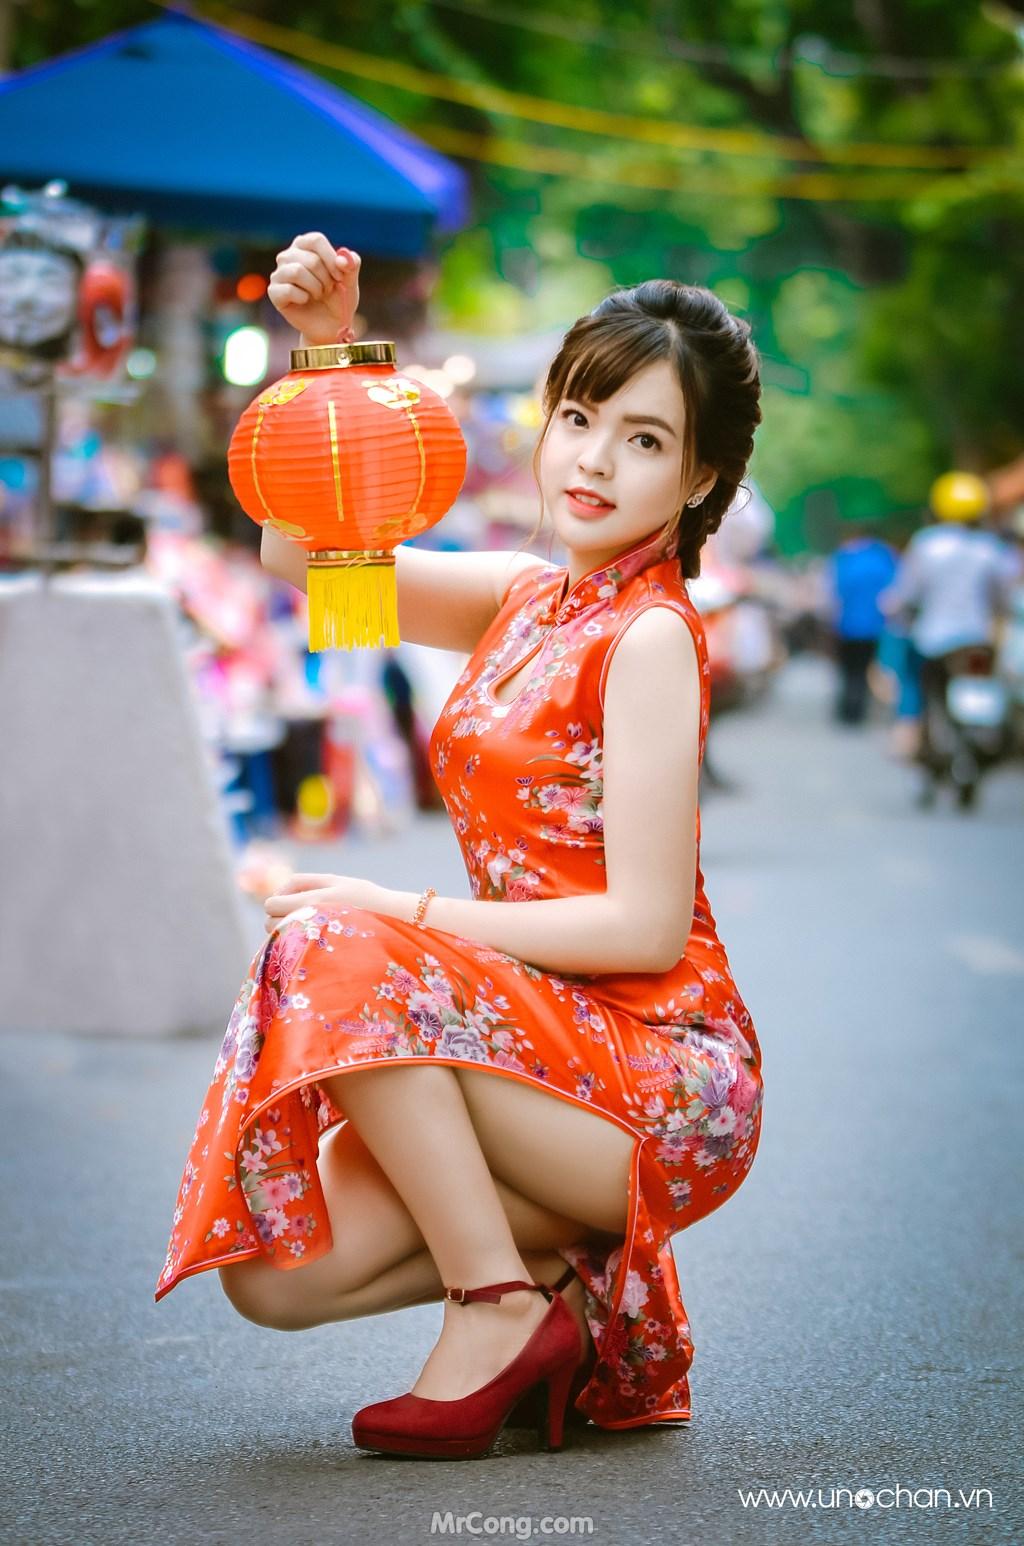 Image Vietnamese-Girls-by-Chan-Hong-Vuong-Uno-Chan-MrCong.com-104 in post Gái Việt duyên dáng, quyến rũ qua góc chụp của Chan Hong Vuong (250 ảnh)